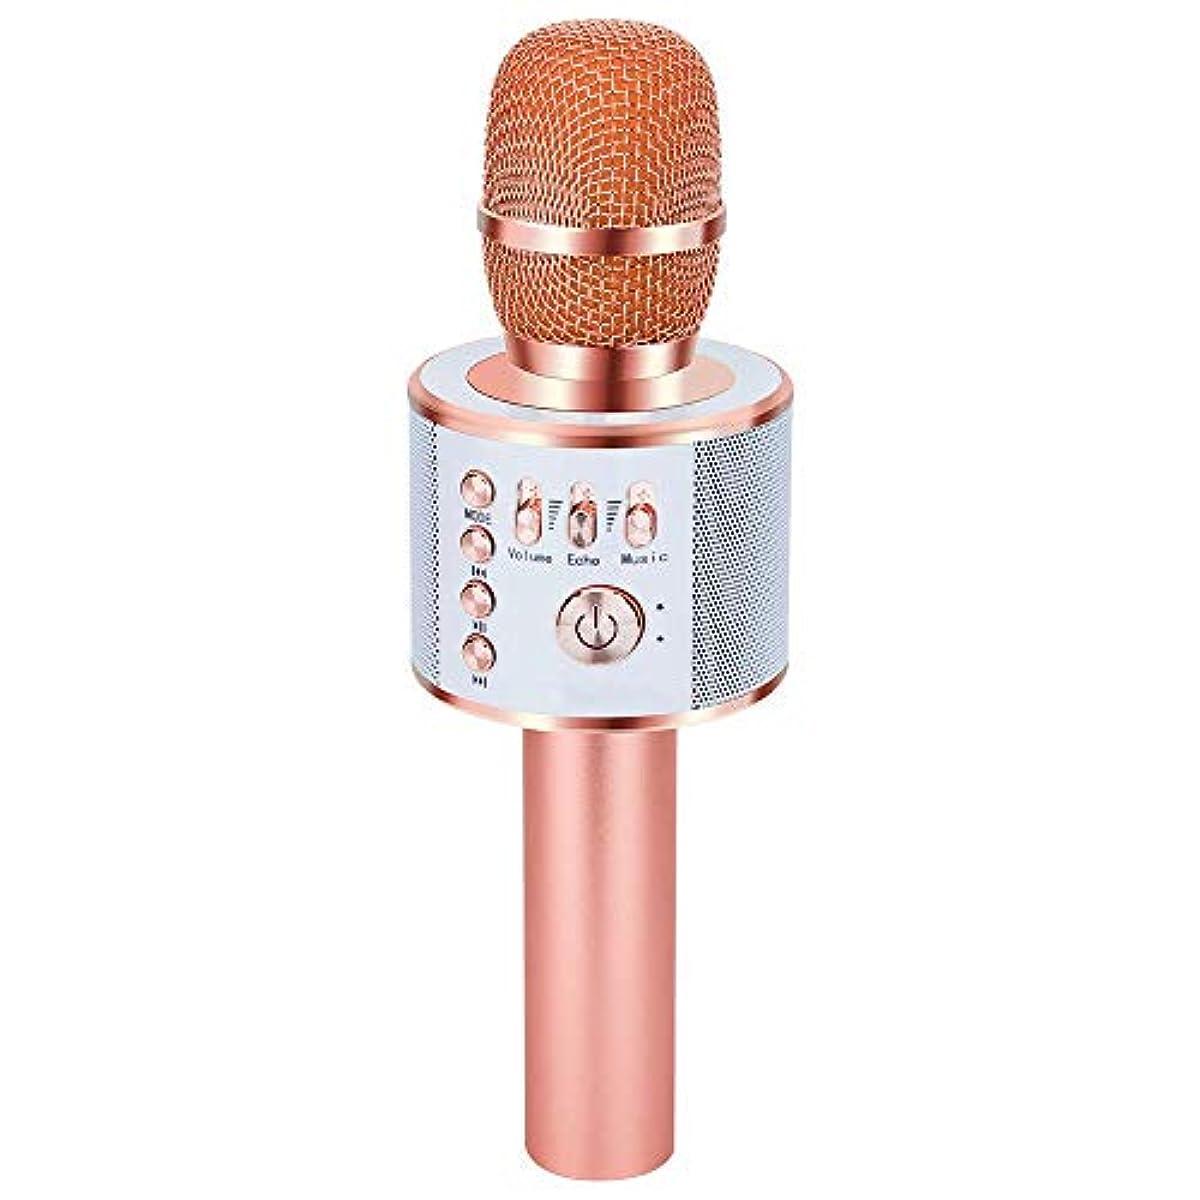 [해외] Verkstar Bluetooth 노래방 마이크 휴대용 스피커 고음질 (로즈 골드)